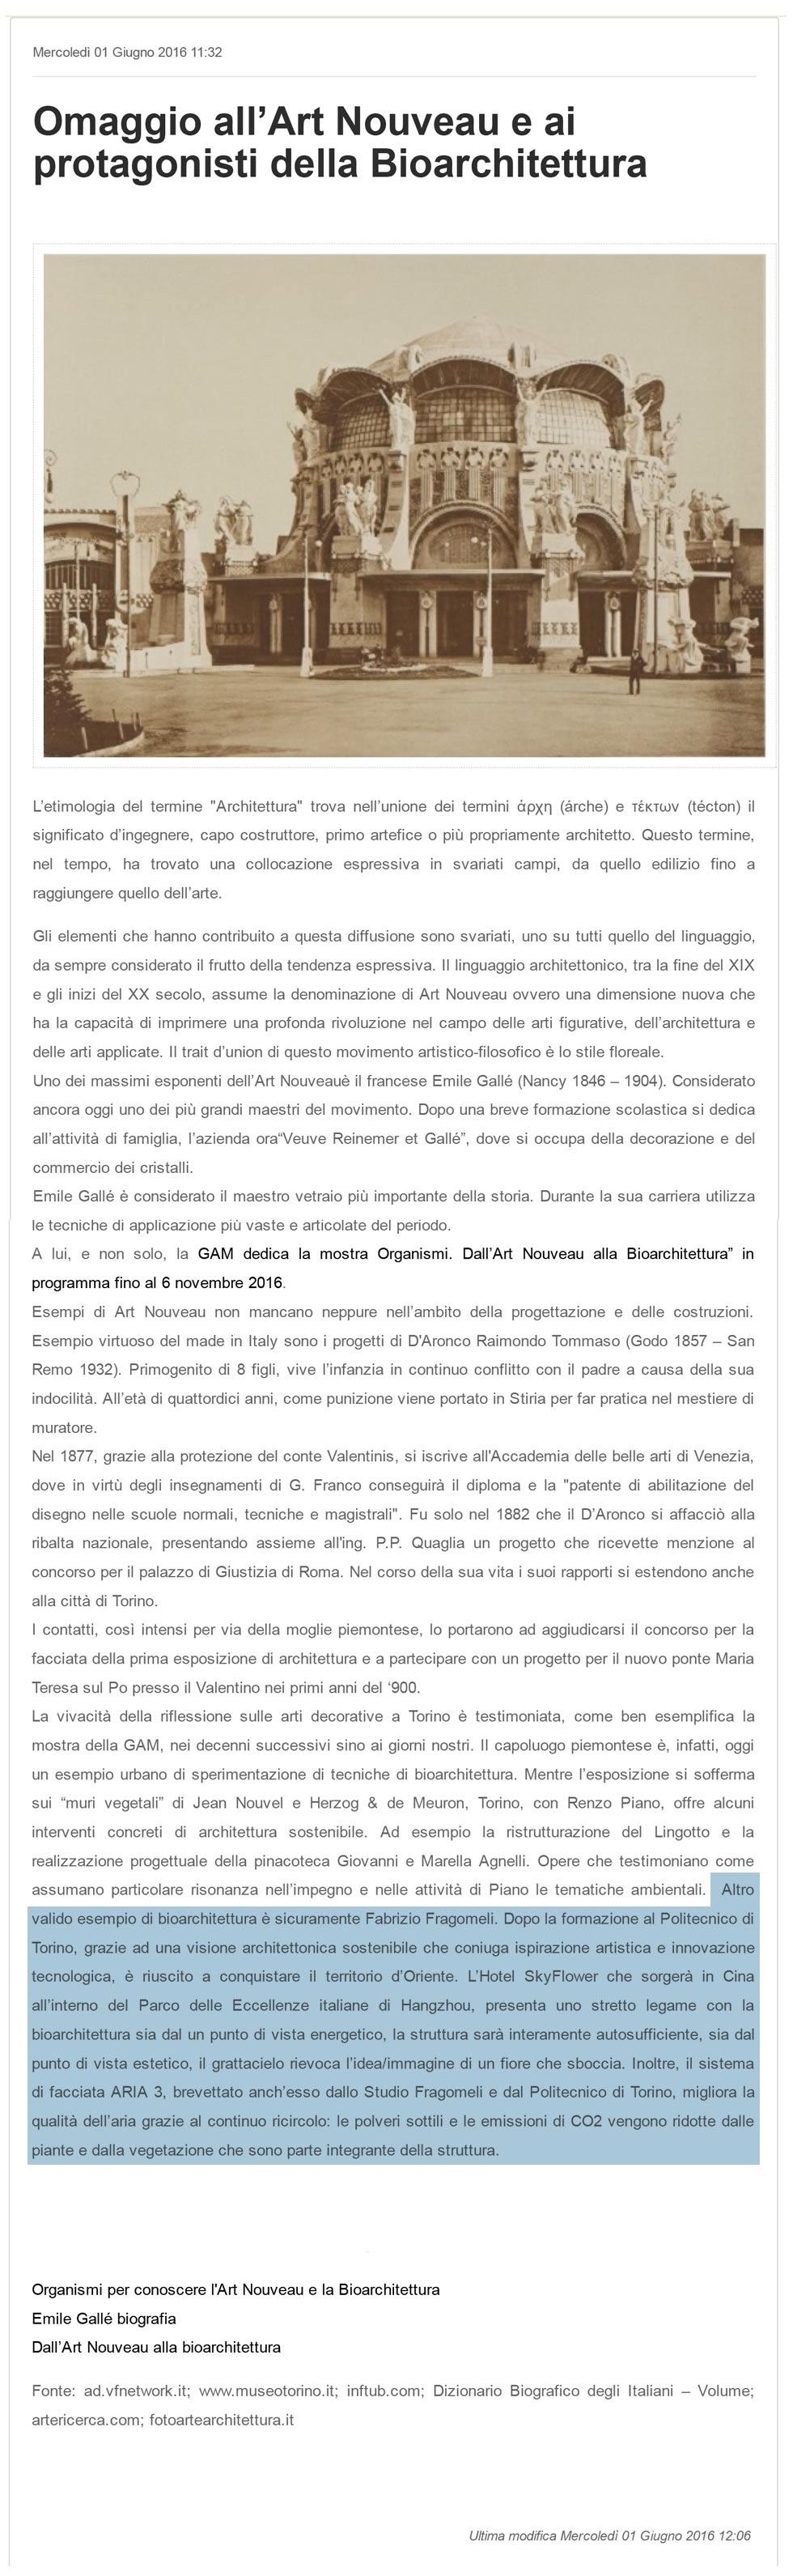 omaggio_art_nouveau